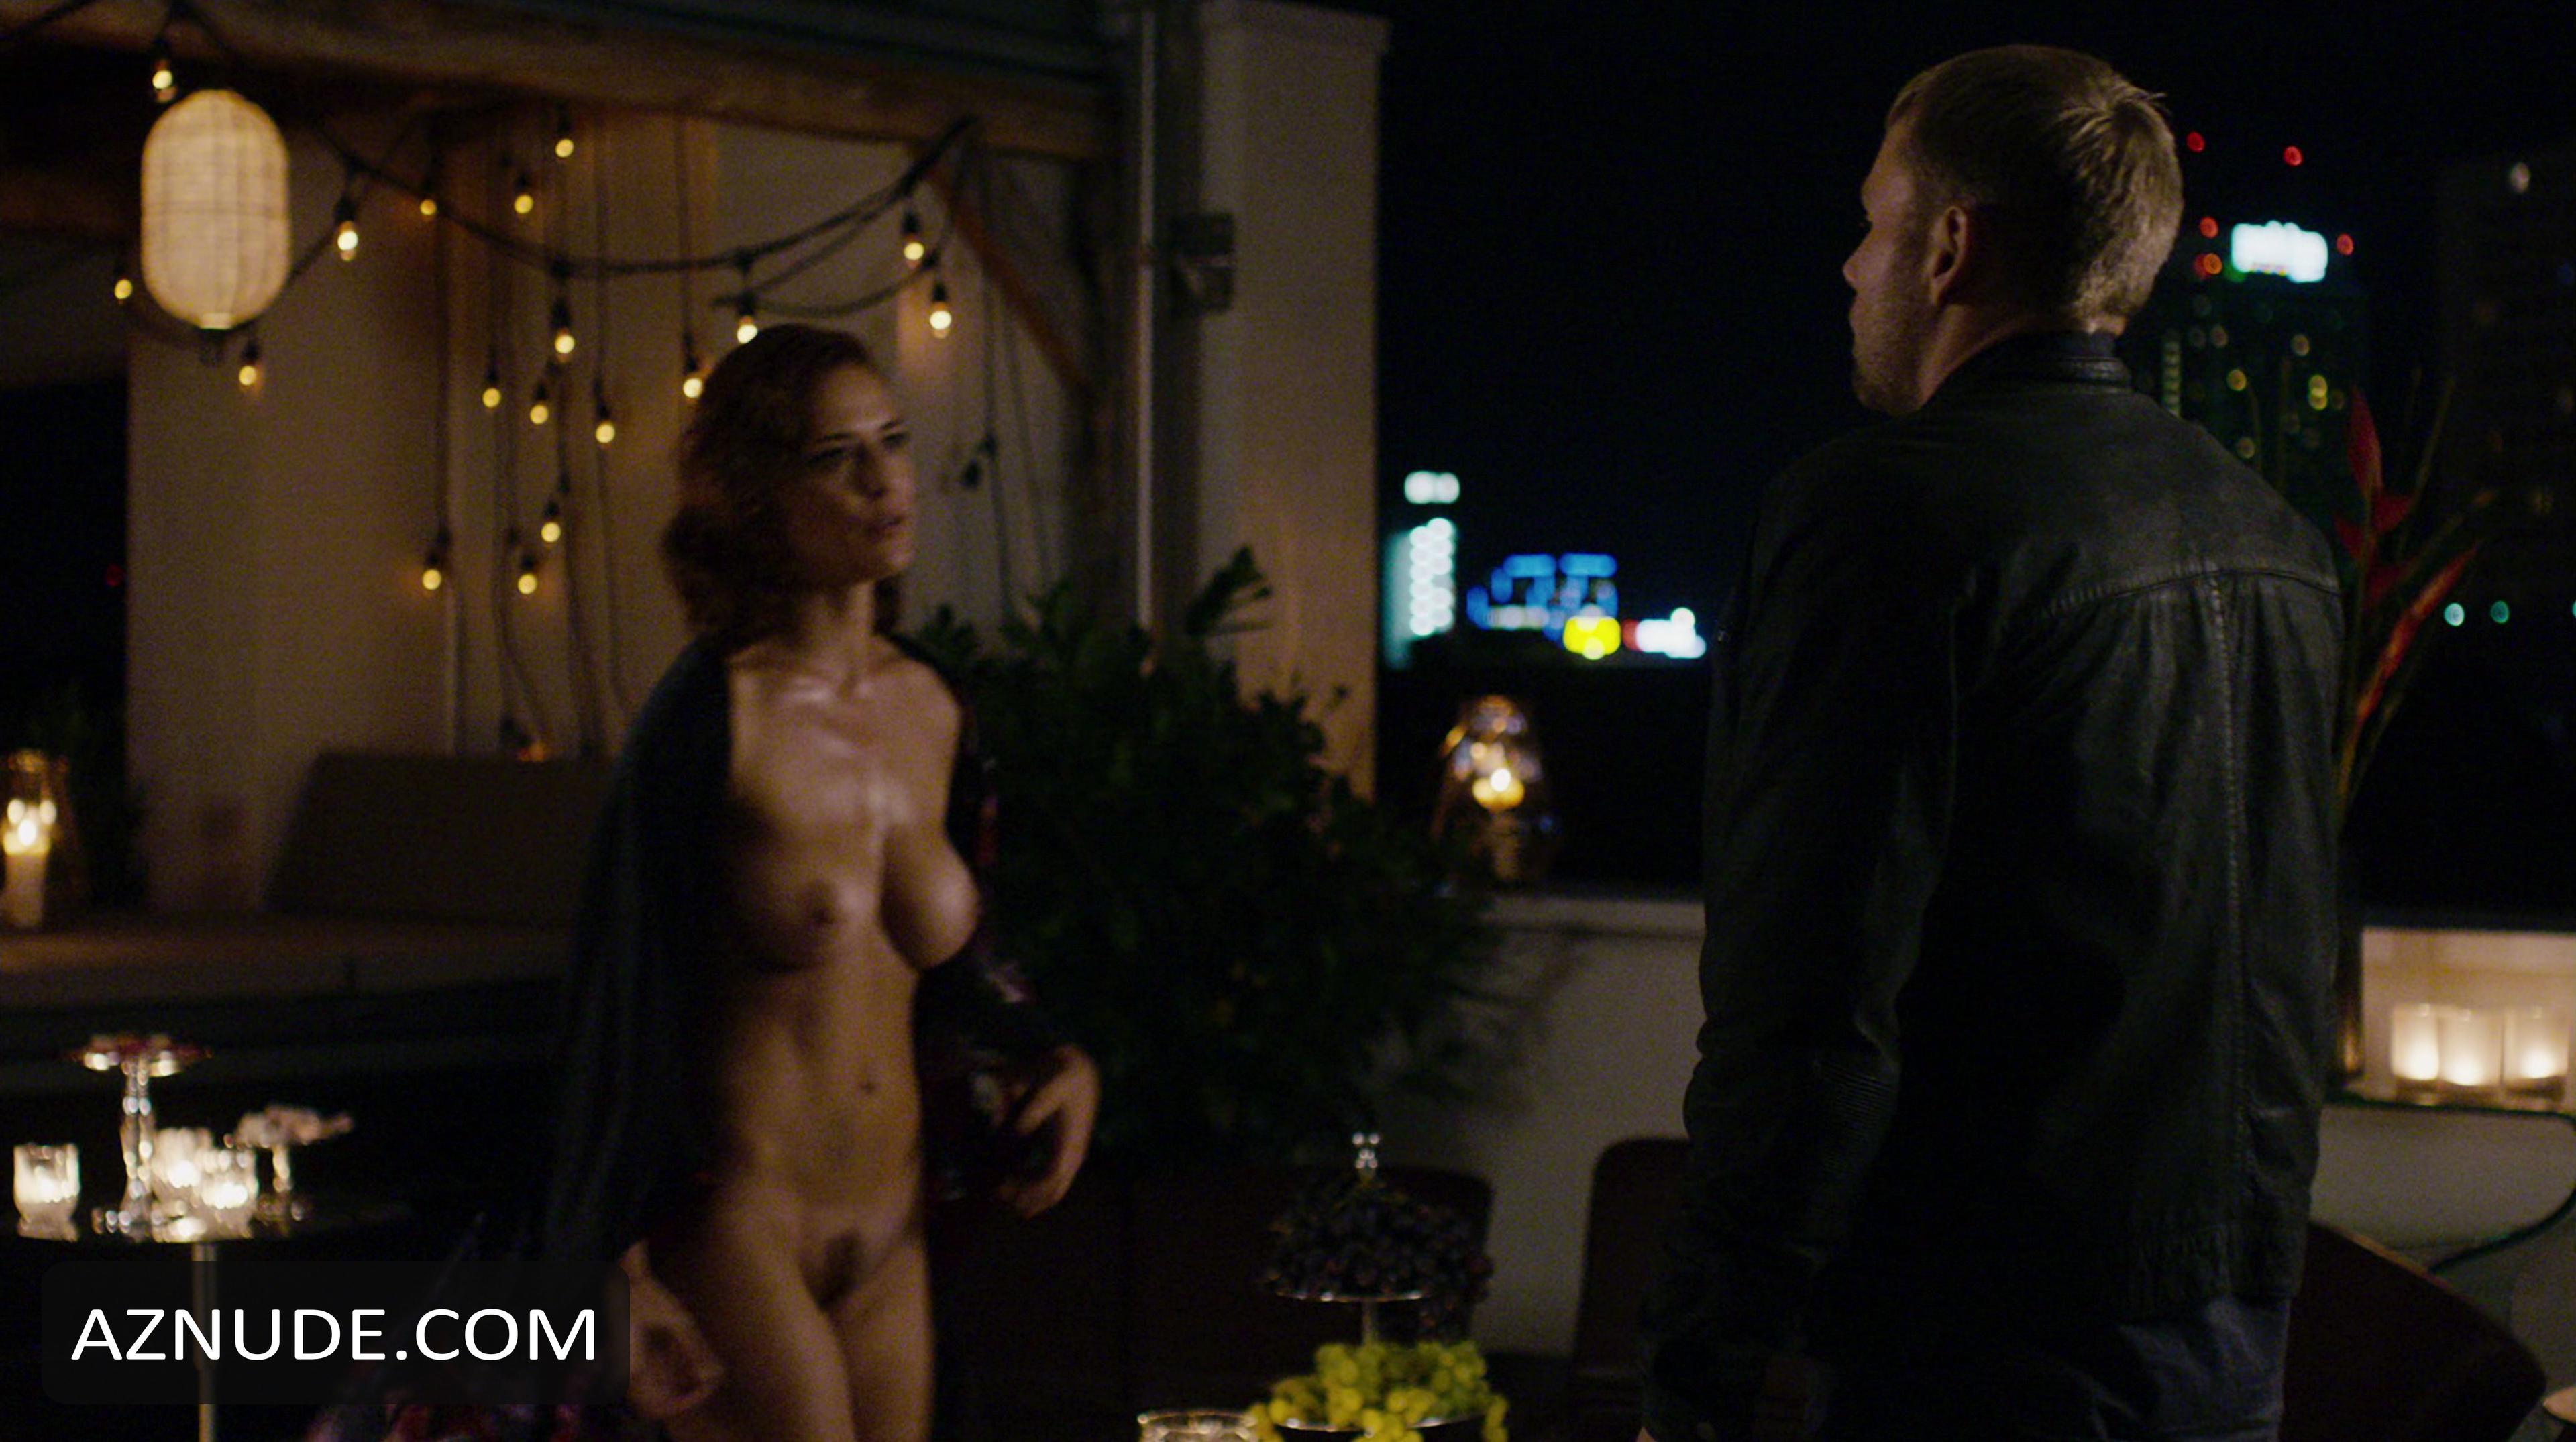 porn video hd sex Free